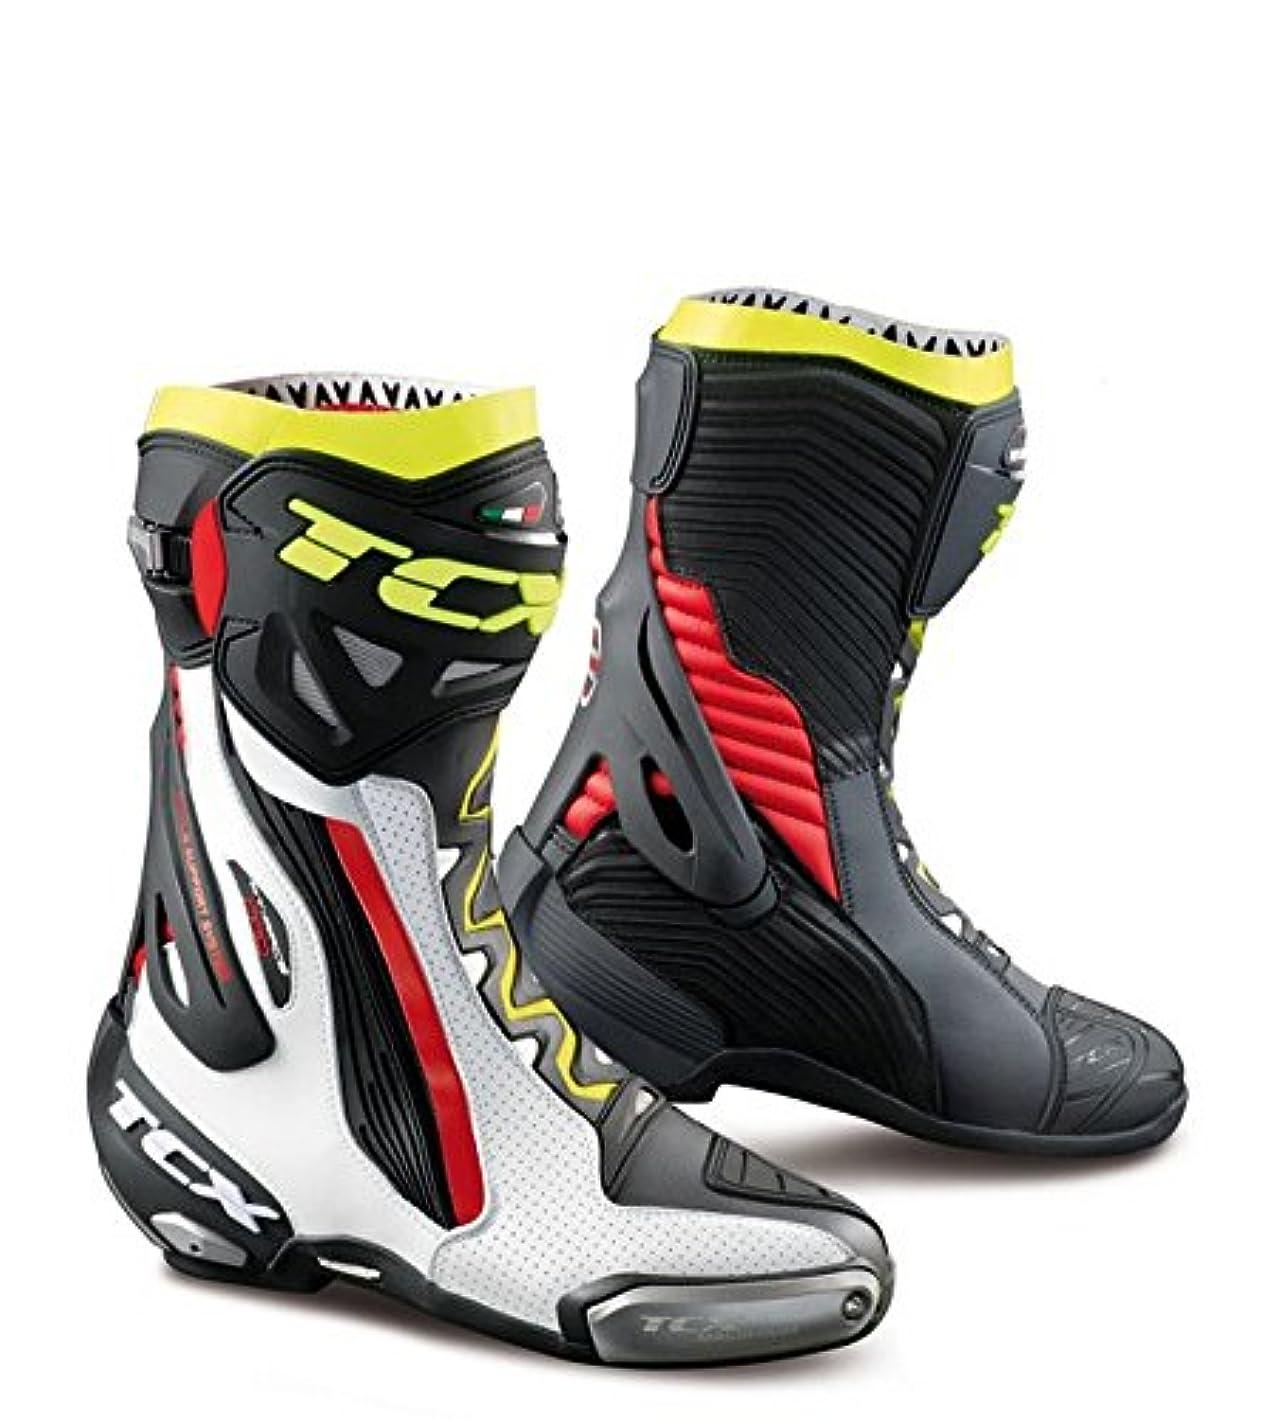 強度典型的な事実上TCX ブーツ メンズ RT-Race Pro Air Size 40/Size 7 7651-BIRY-40